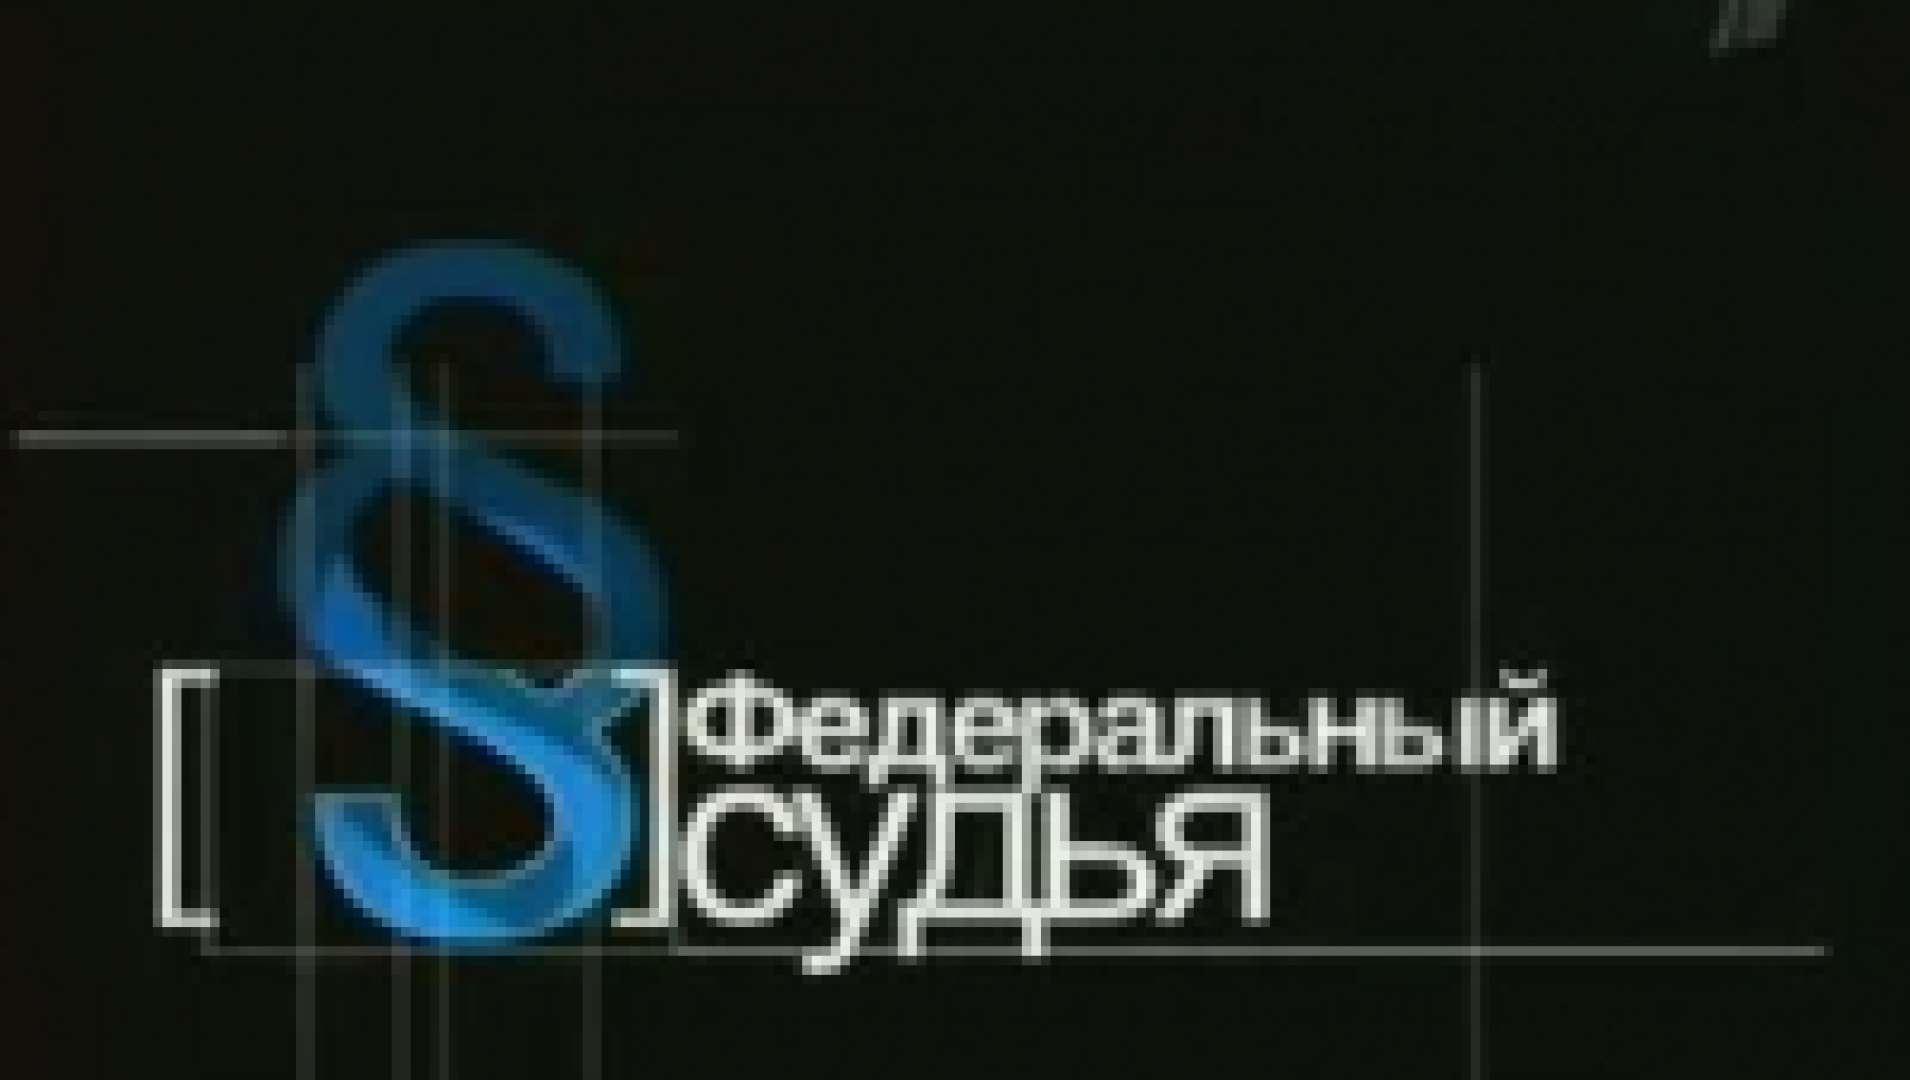 Федеральный судья 2011 год